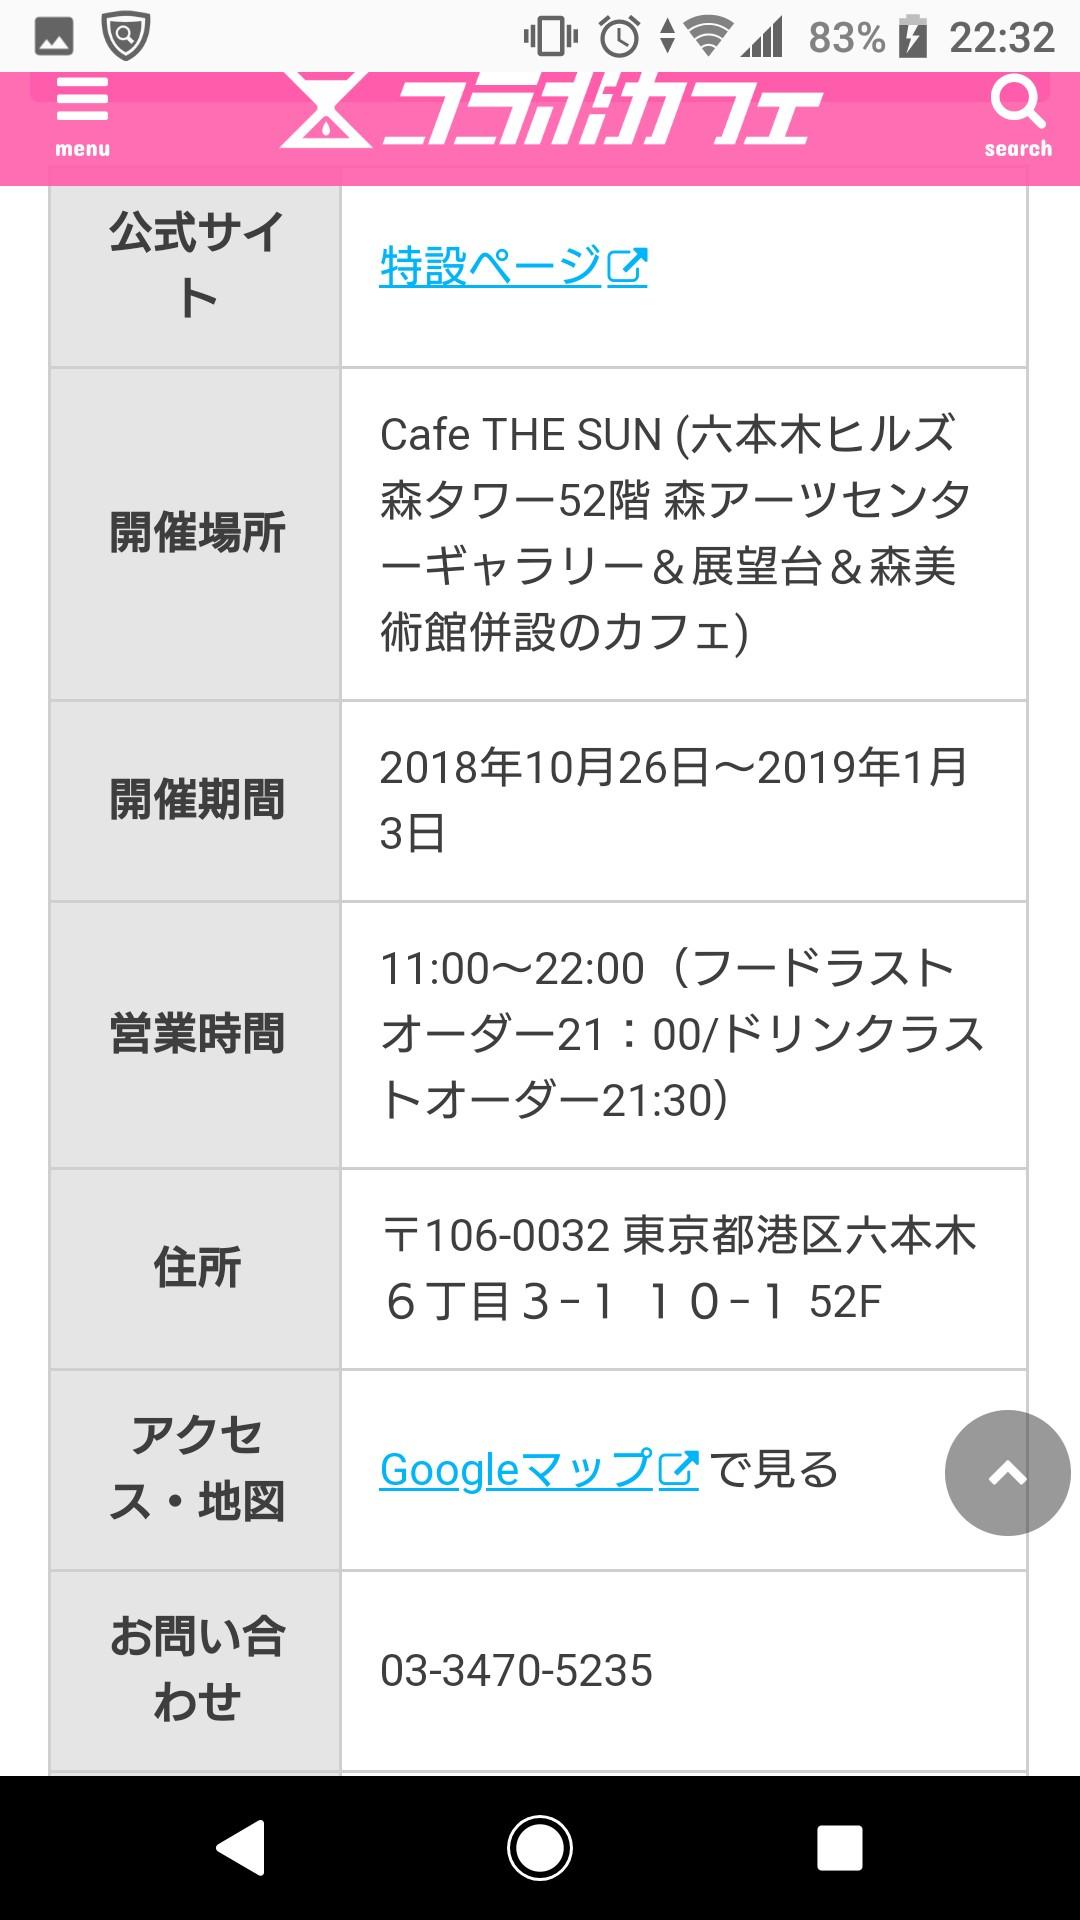 20181025223458074.jpg